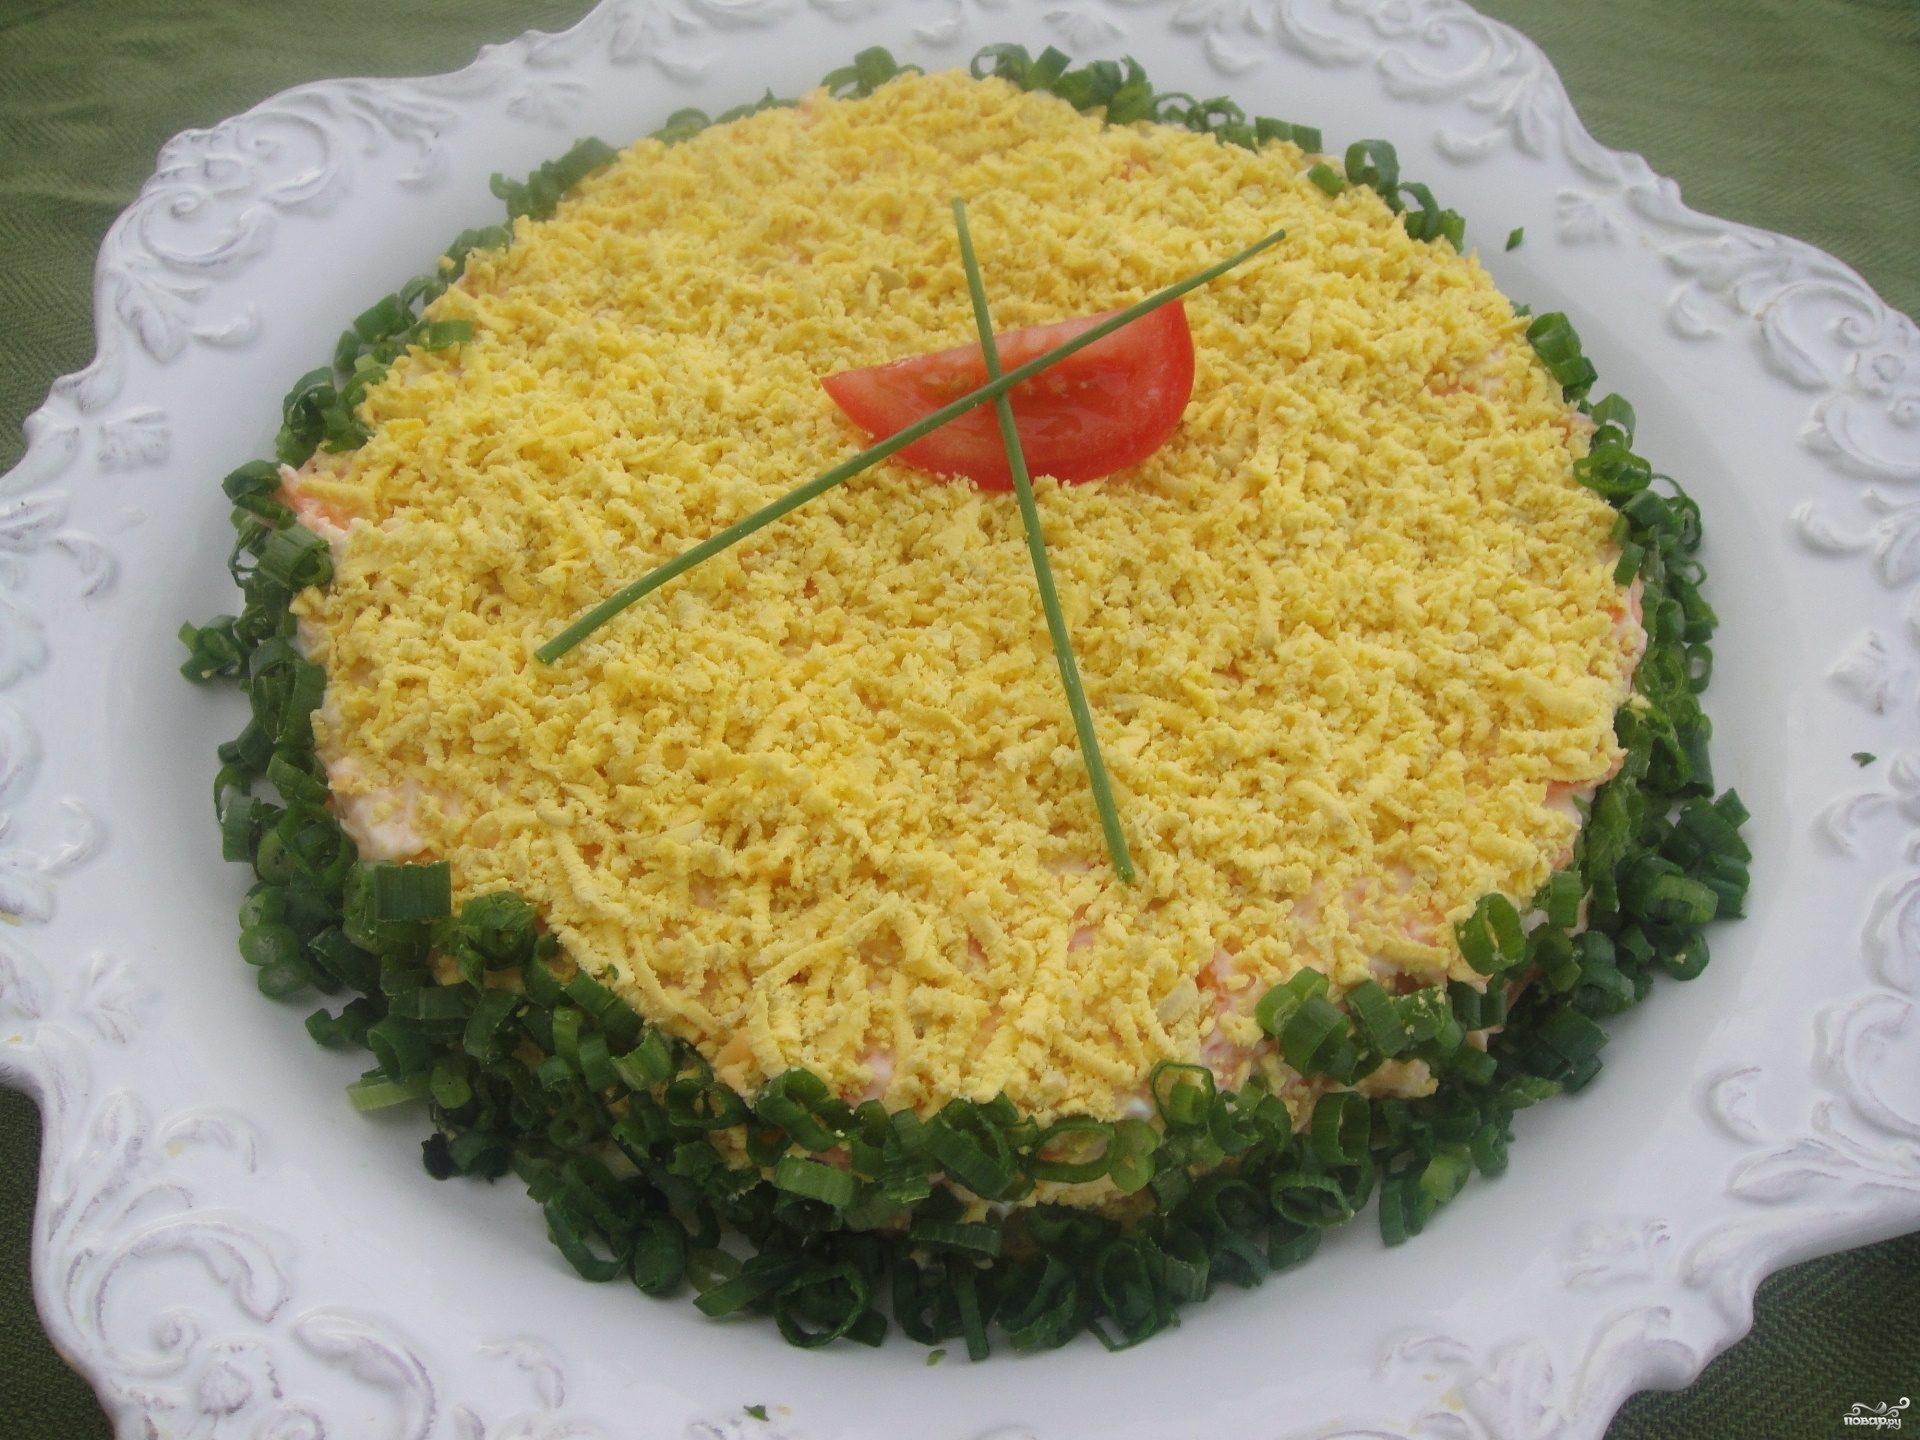 салат мимоза рецепт с консервой с огурцами